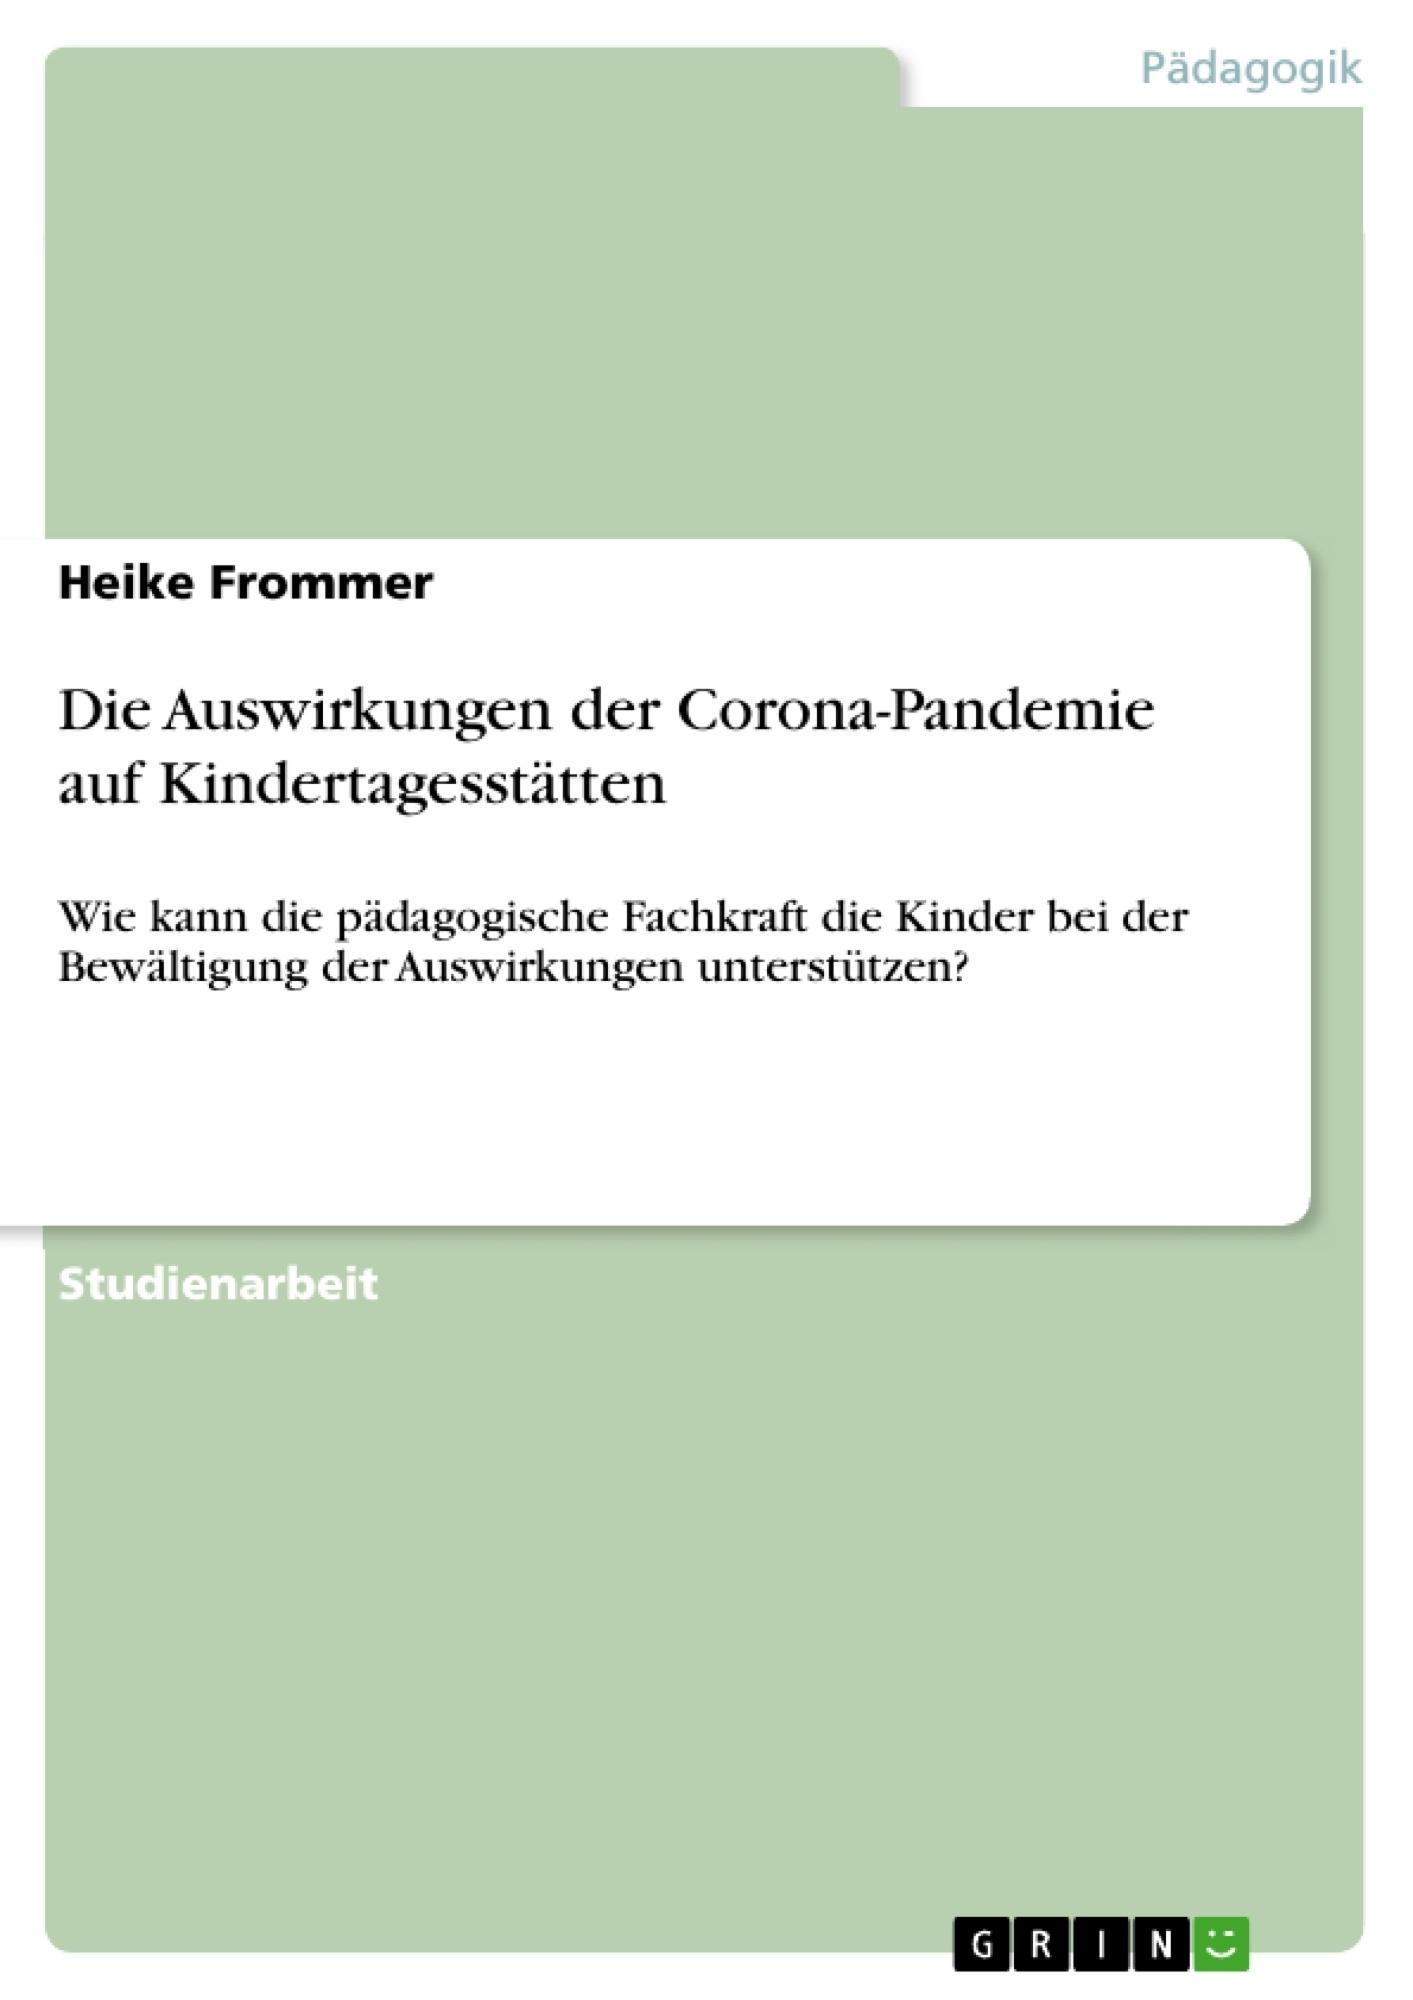 Titel: Die Auswirkungen der Corona-Pandemie auf Kindertagesstätten